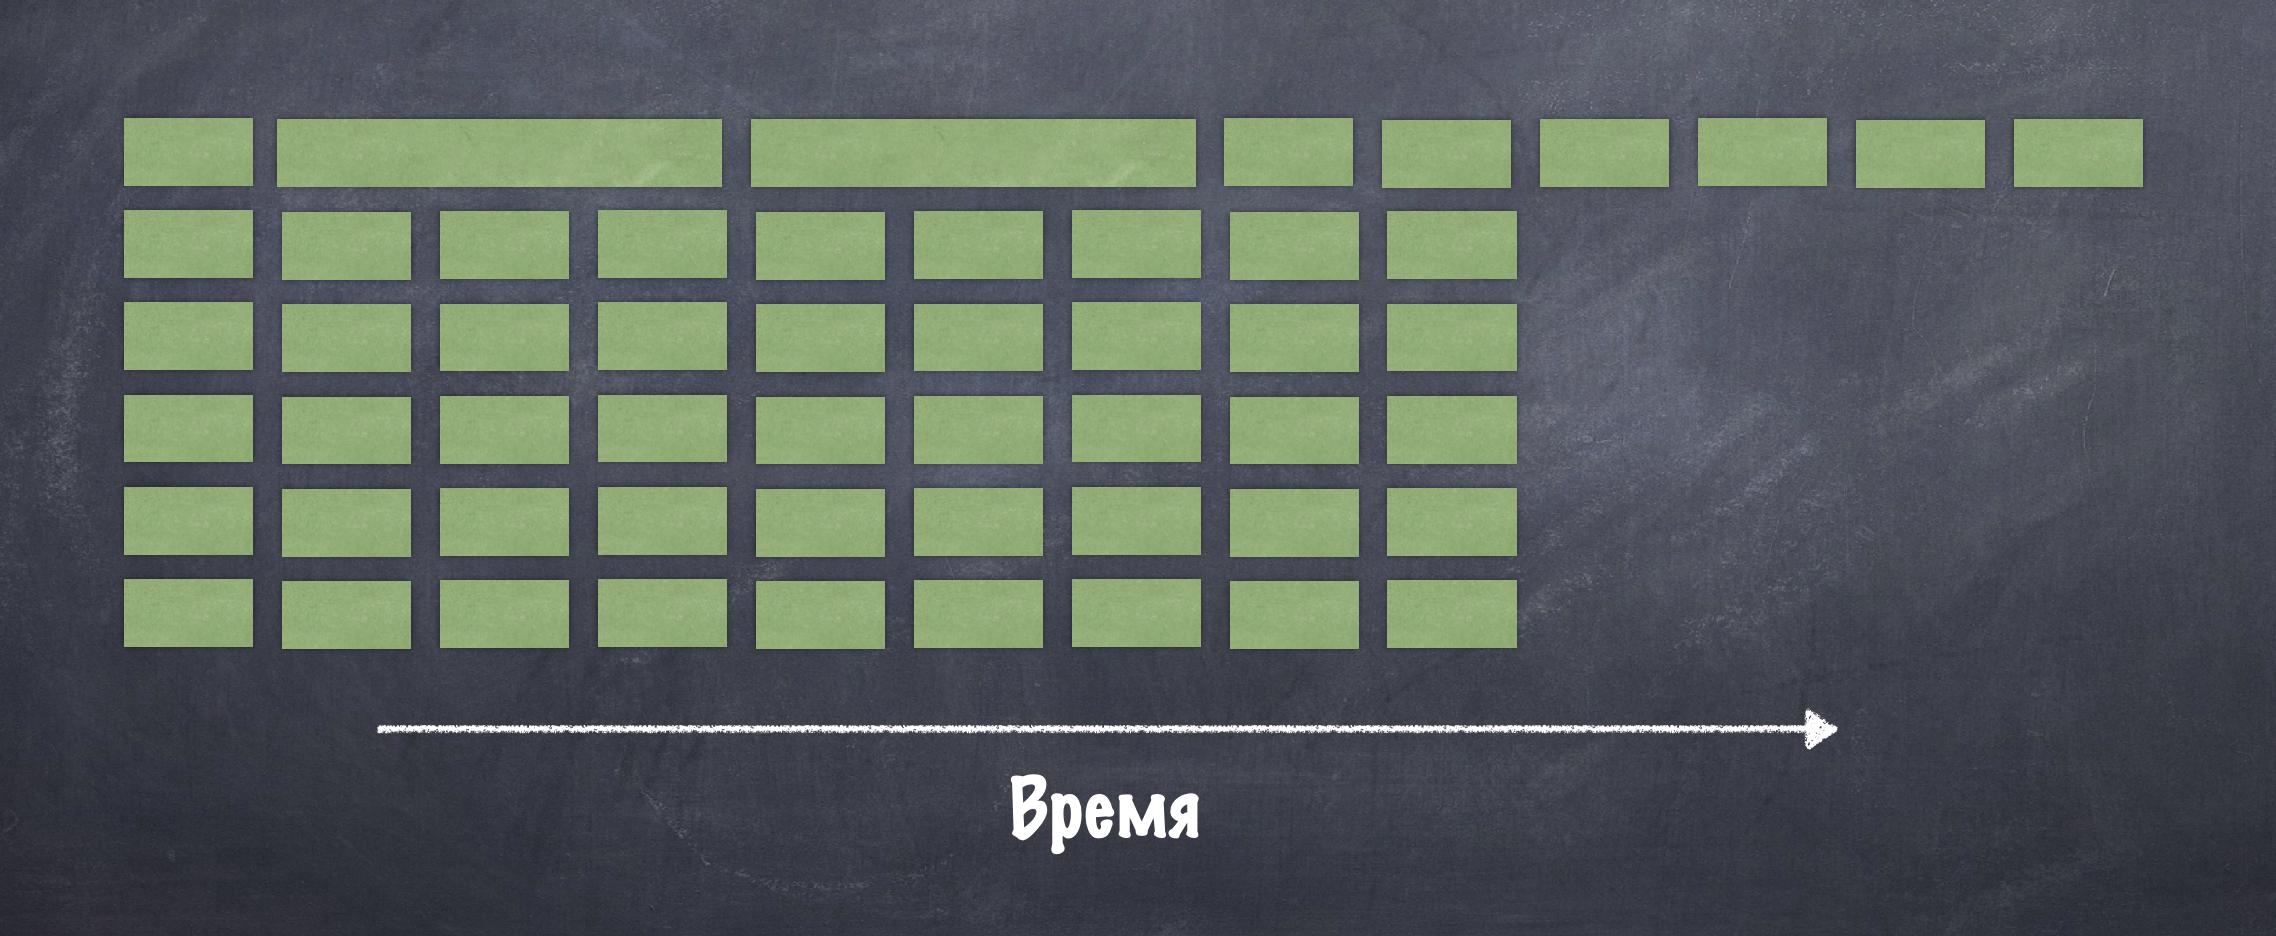 Плохо загруженный пул (задачи распределены не равномерно)54 блокирующих задачи (каждая по 1сек кроме 2ух), round-robin распределение по 6 рельсам